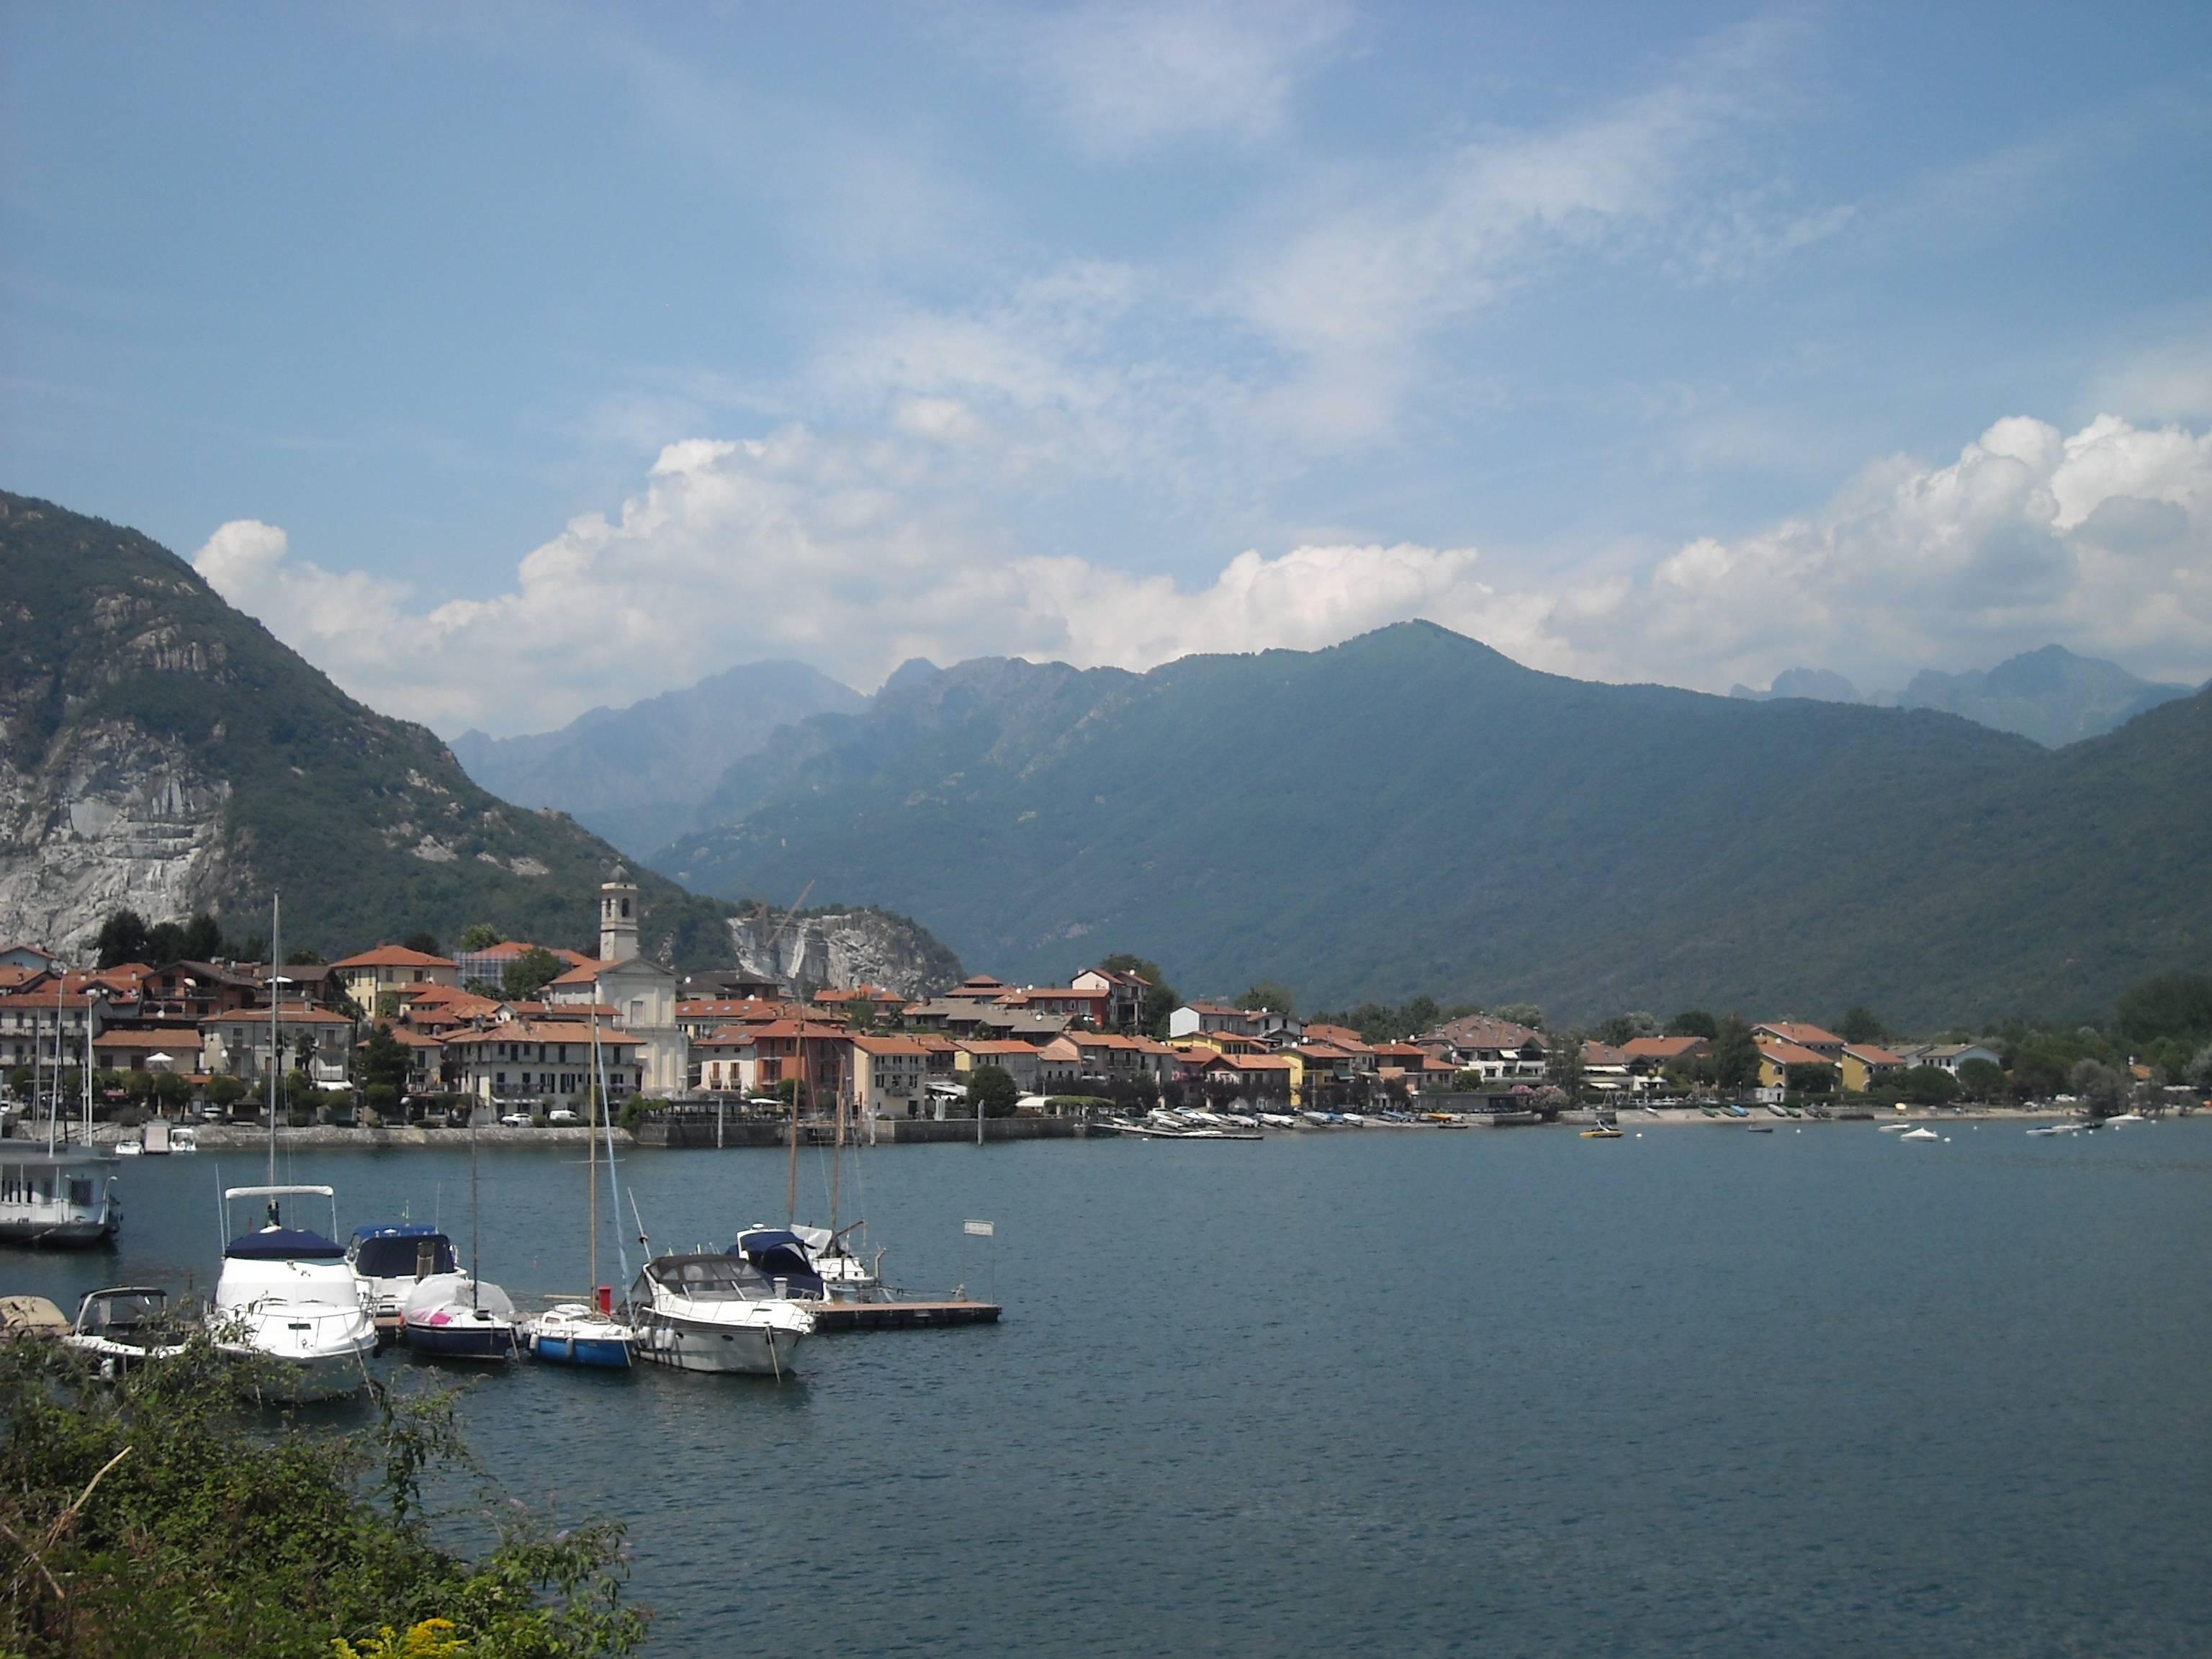 Feriolo-Lago Maggiore/Feriolo-Lake Maggiore